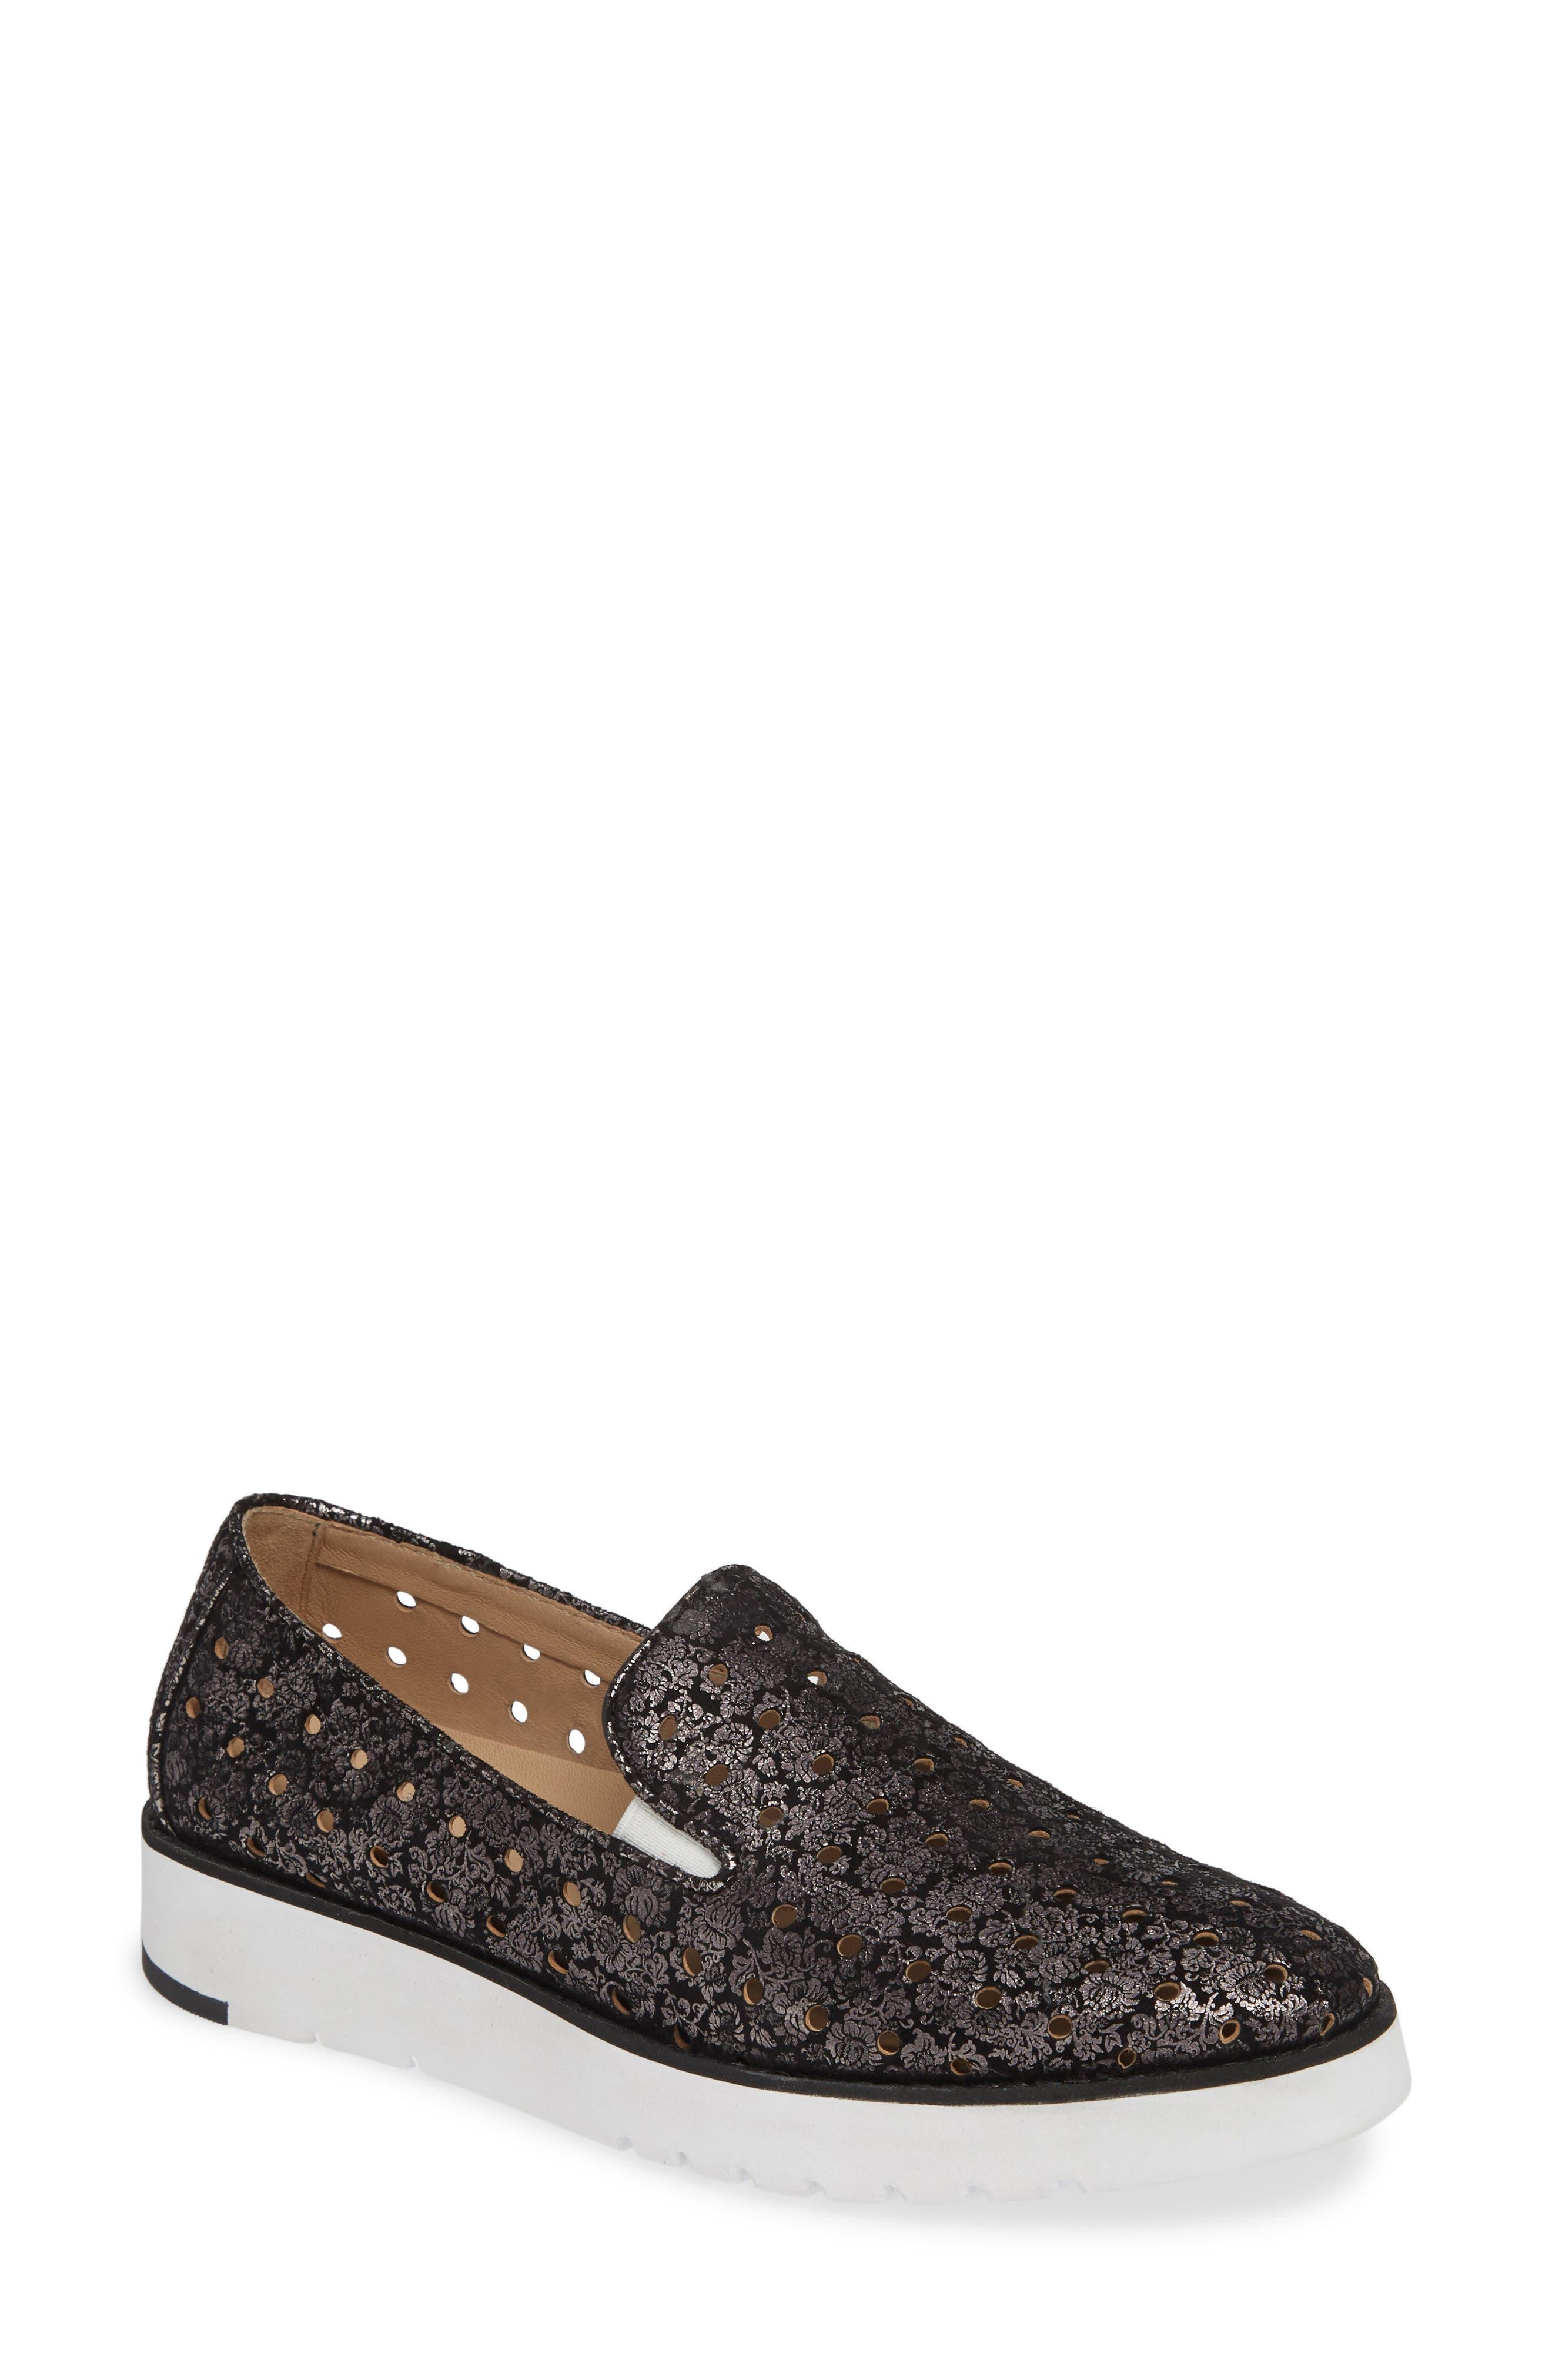 Johnston & Murphy Penelope Perforated Slip-On Sneaker, Black